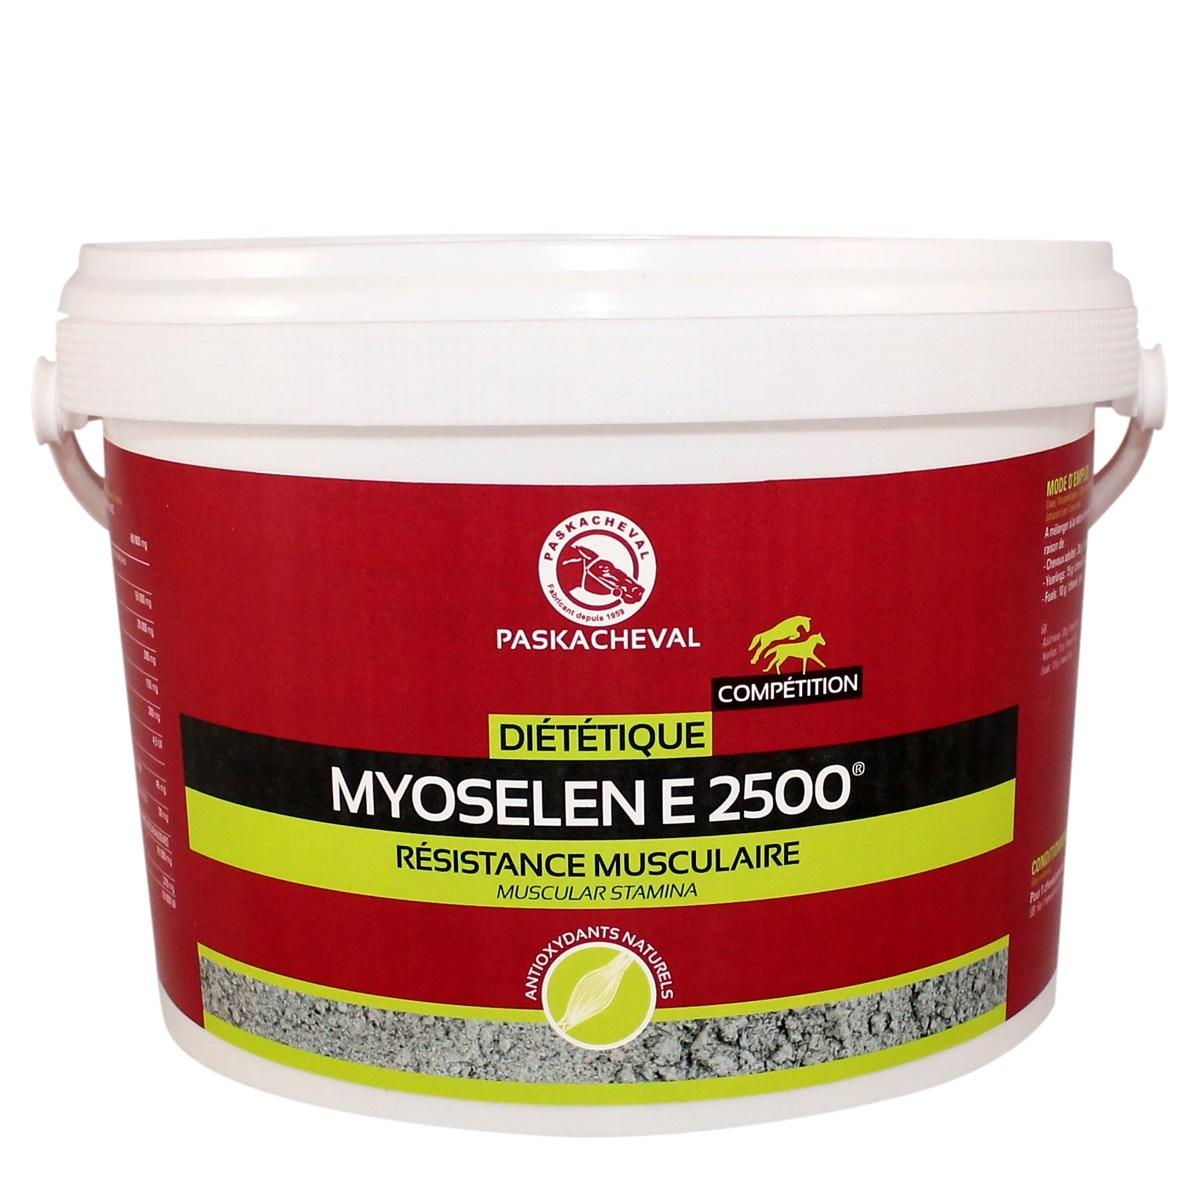 Myoselen